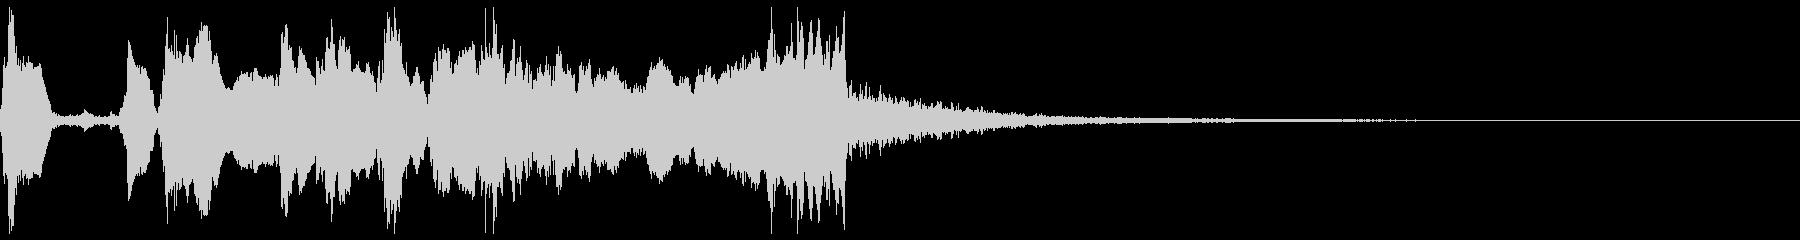 シンプルなファンファーレ2+Drの未再生の波形